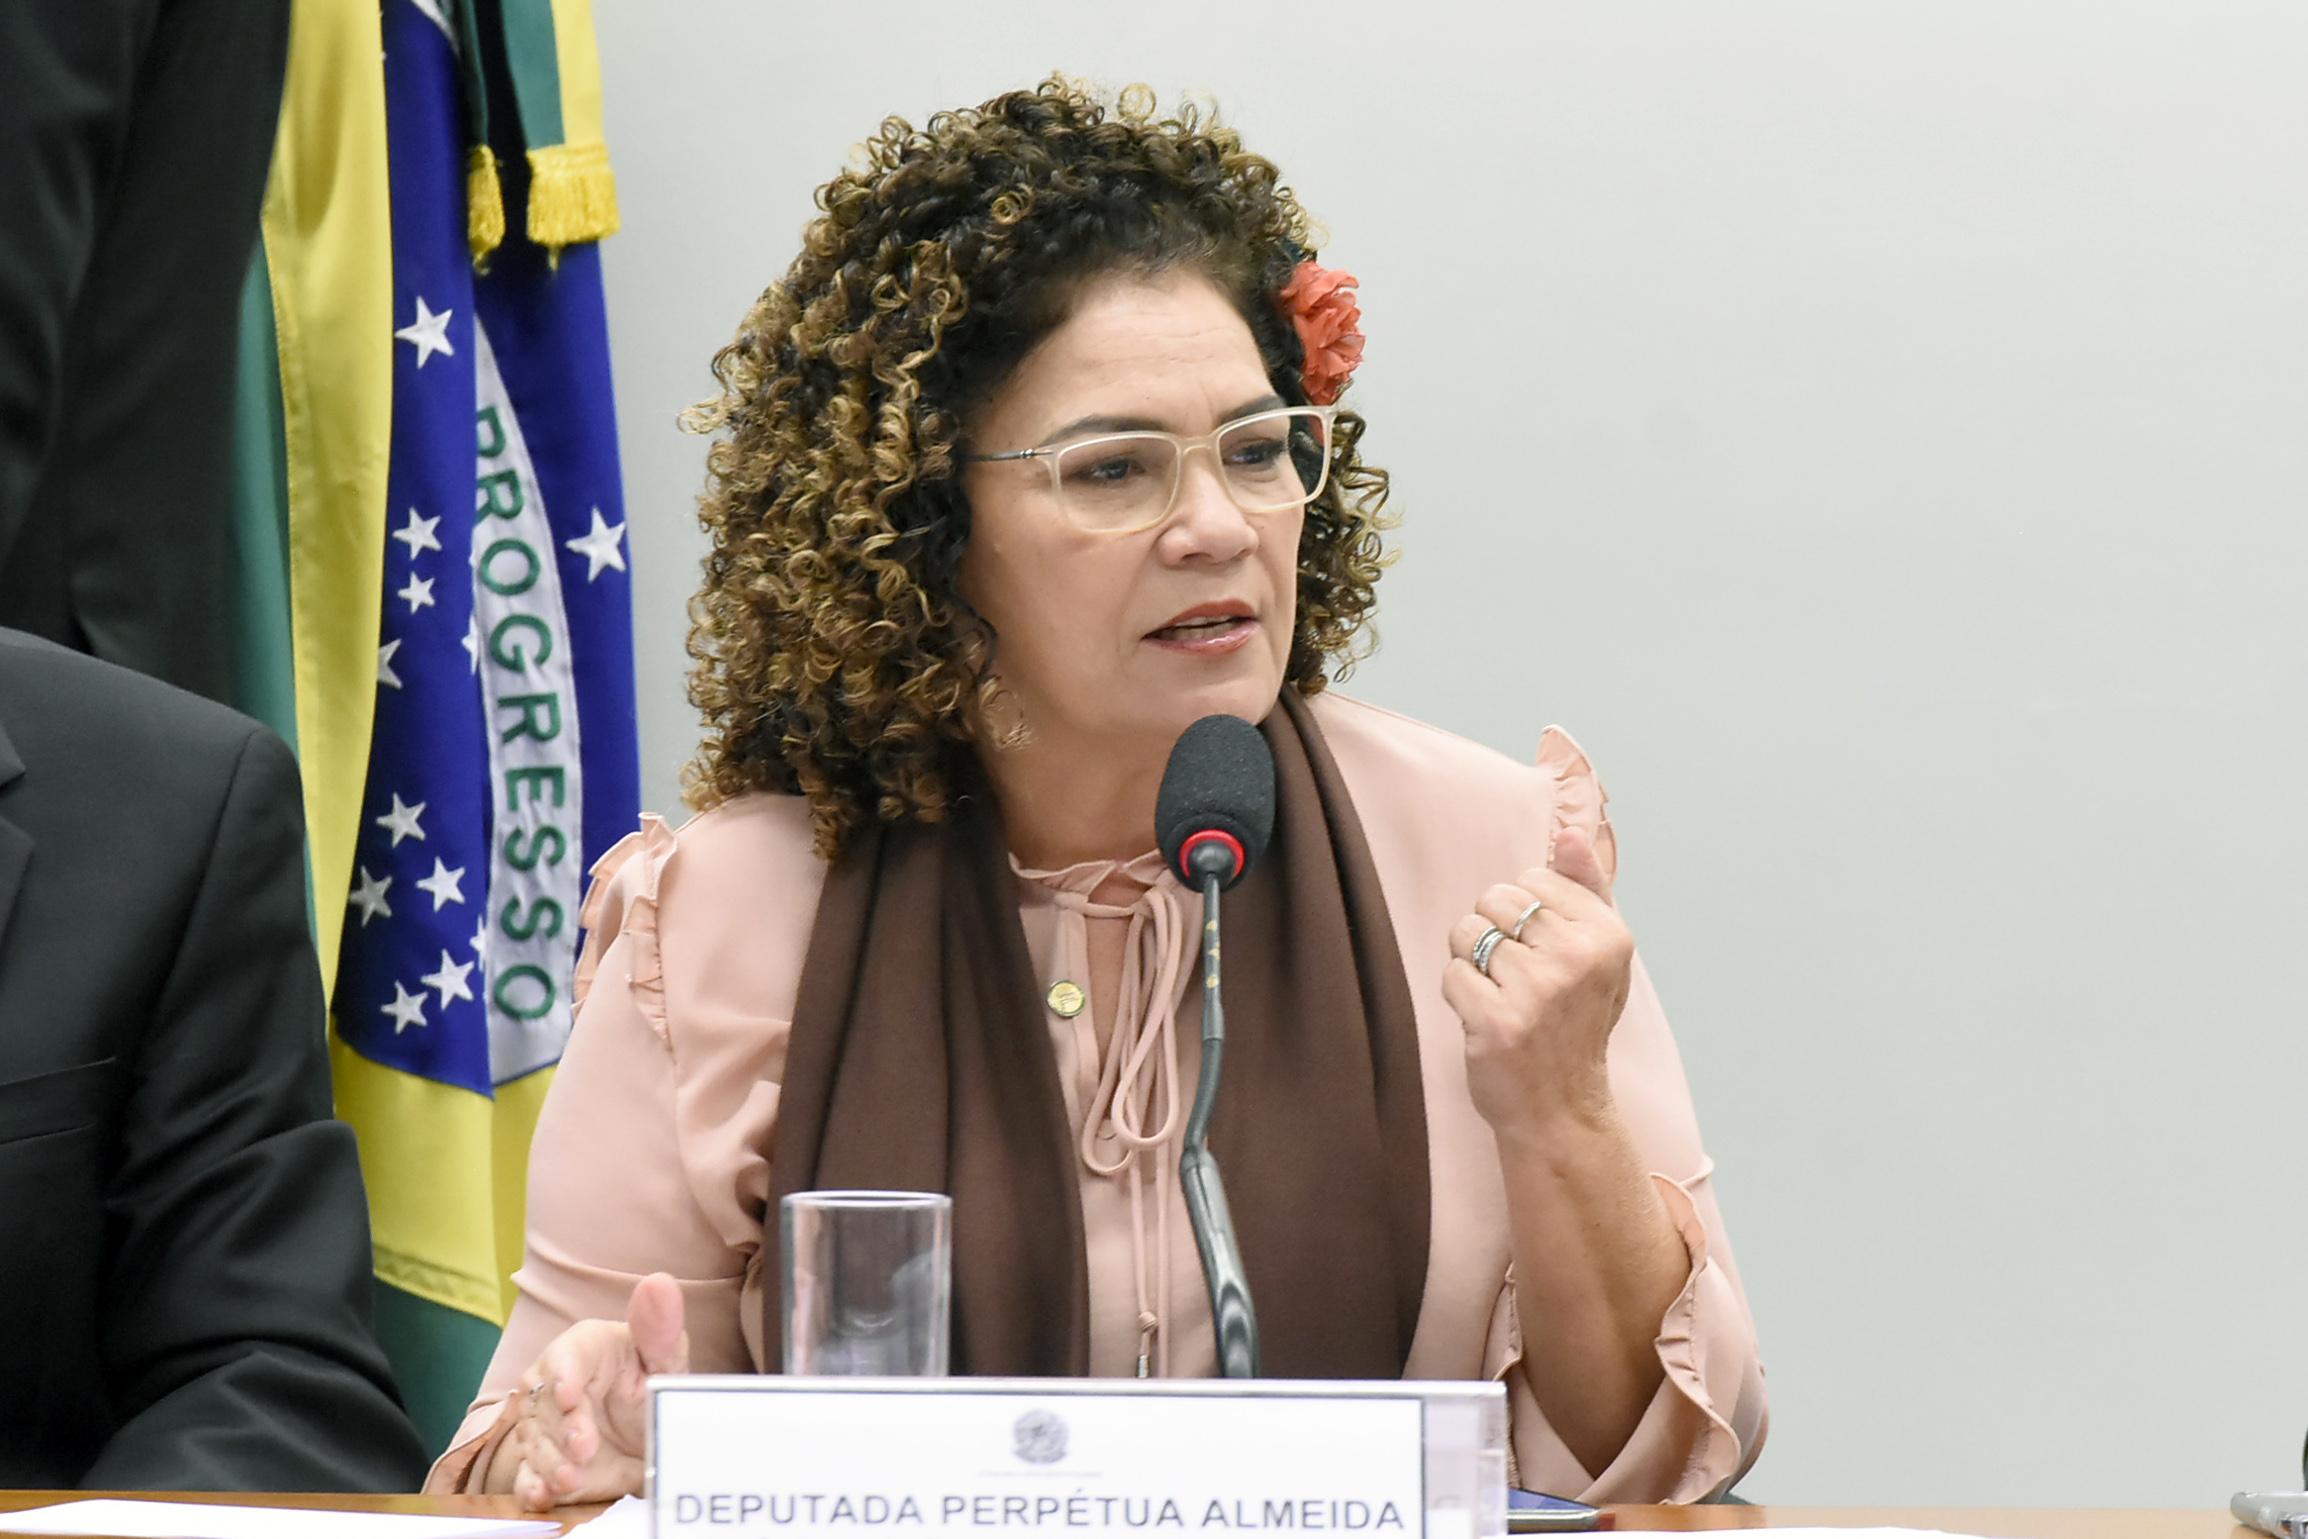 Audiência pública sobre as ações políticas, diplomáticas e legislativas. Dep. Pérpetua Almeida (PCdoB-AC)